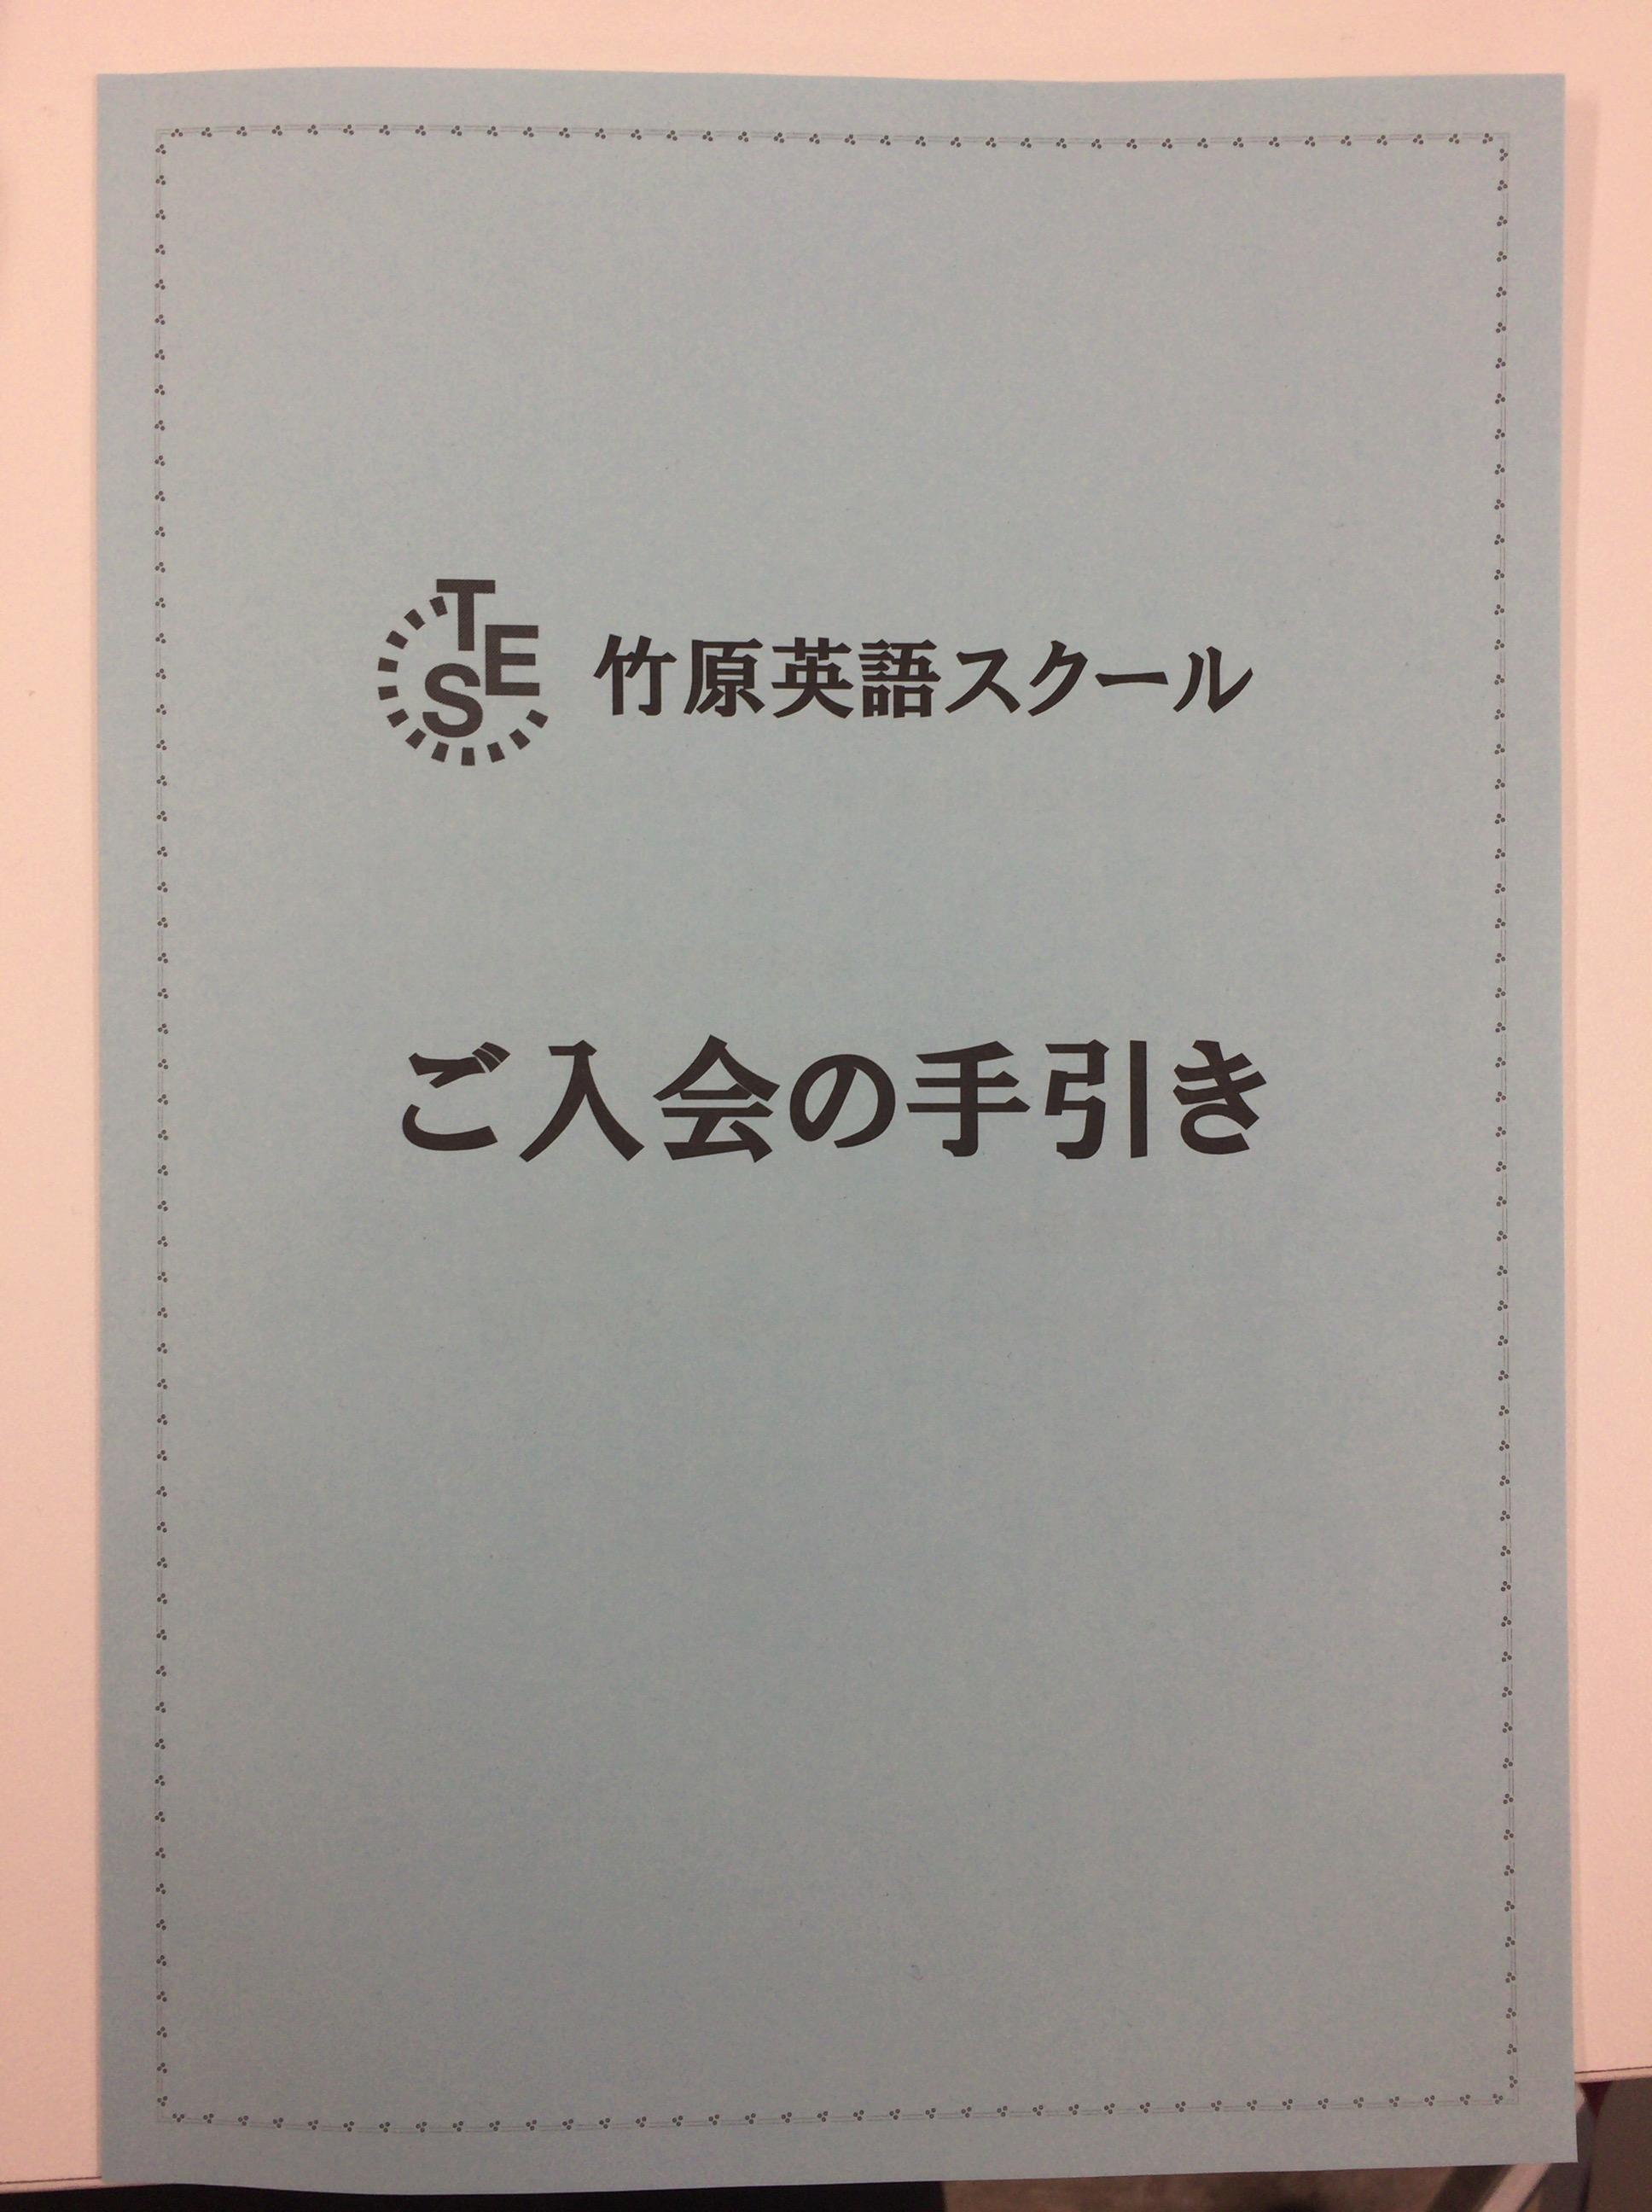 株式会社ティー・イー・エス 竹原英語スクール様が実際にイシダ印刷で印刷・製本した画像